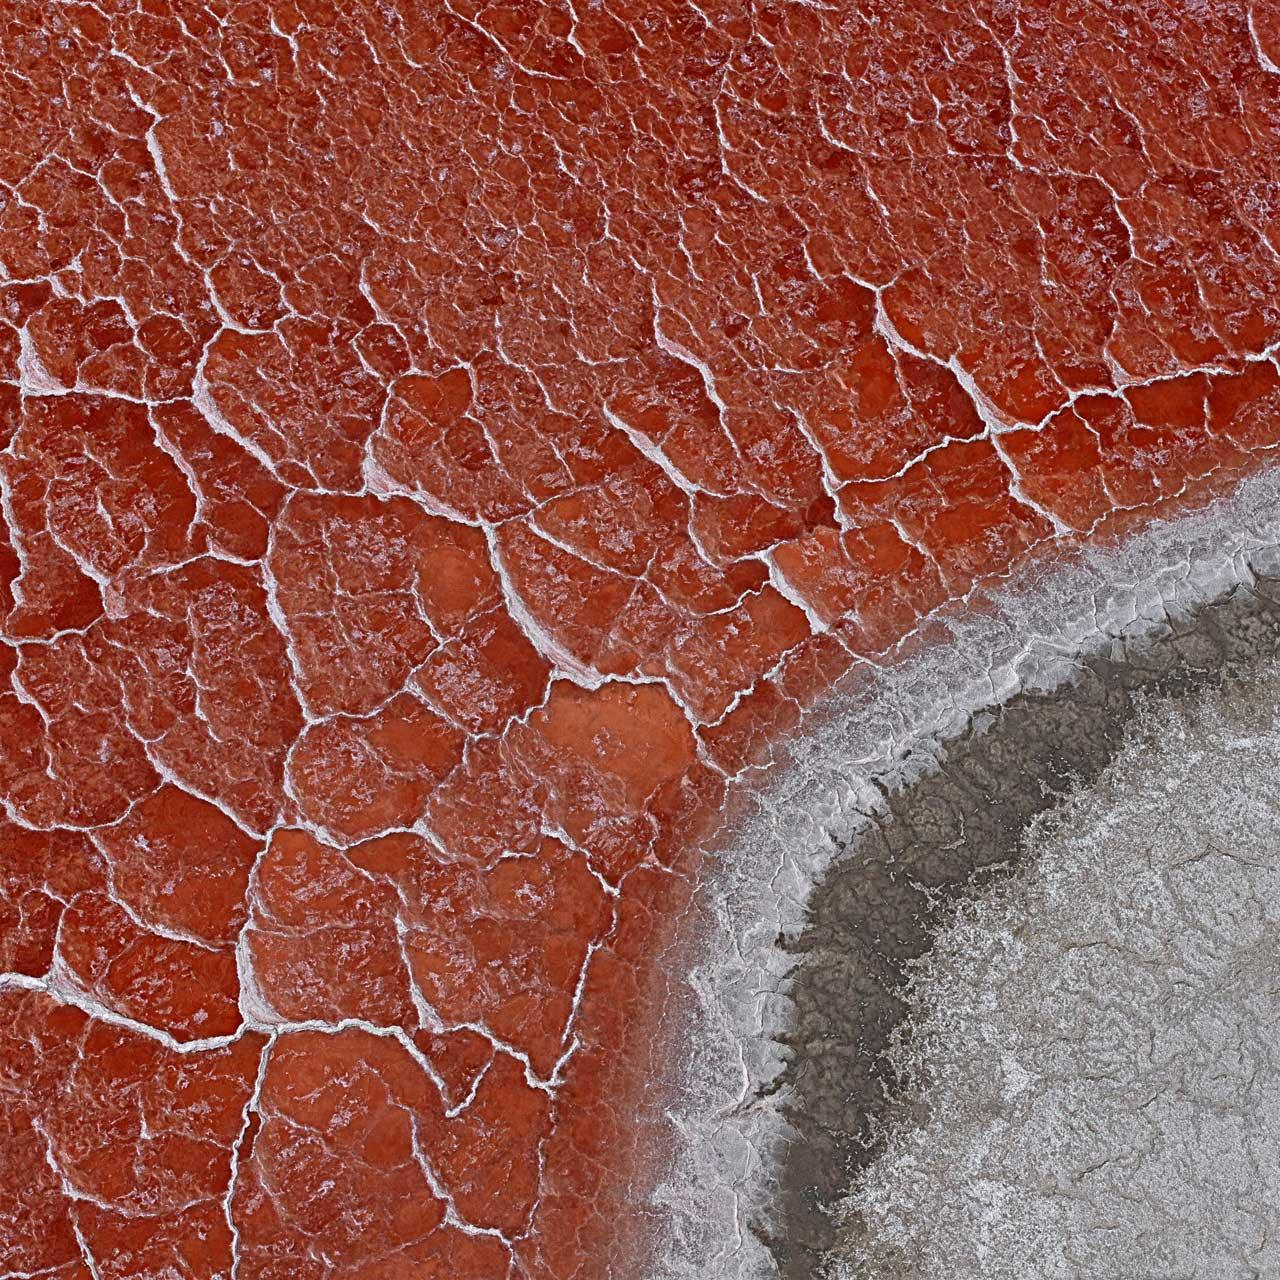 Der Searles Lake hat keinen Abfluss. Hin und wieder sammelt sich dort Regenwasser, welches in der Hitze allmählich verdunstet. Der See wird zu einem Salzsumpf und trocknet aus. Mikroorganismen, die im Seeboden schlummern, beginnen sich zu vermehren. Sie tragen einen Farbstoff im Körper, wie man ihn auch in Tomaten findet. Er macht die Salzkruste rot. Searles Lake, Kalifornien, USA. Foto: Bernhard Edmaier